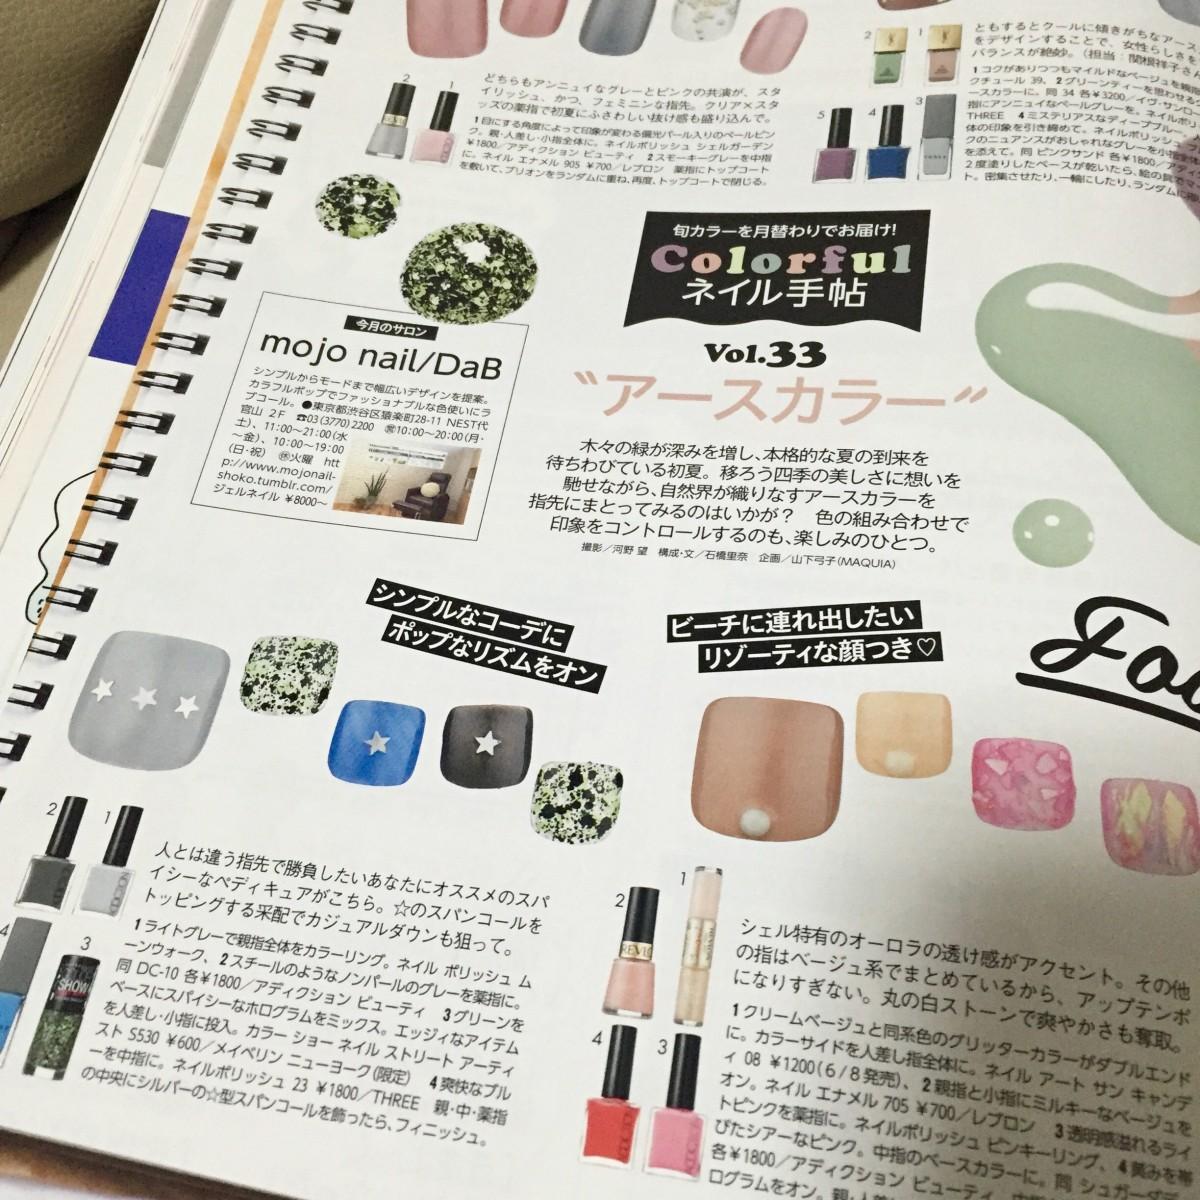 マキア買い☆アースカラーネイル